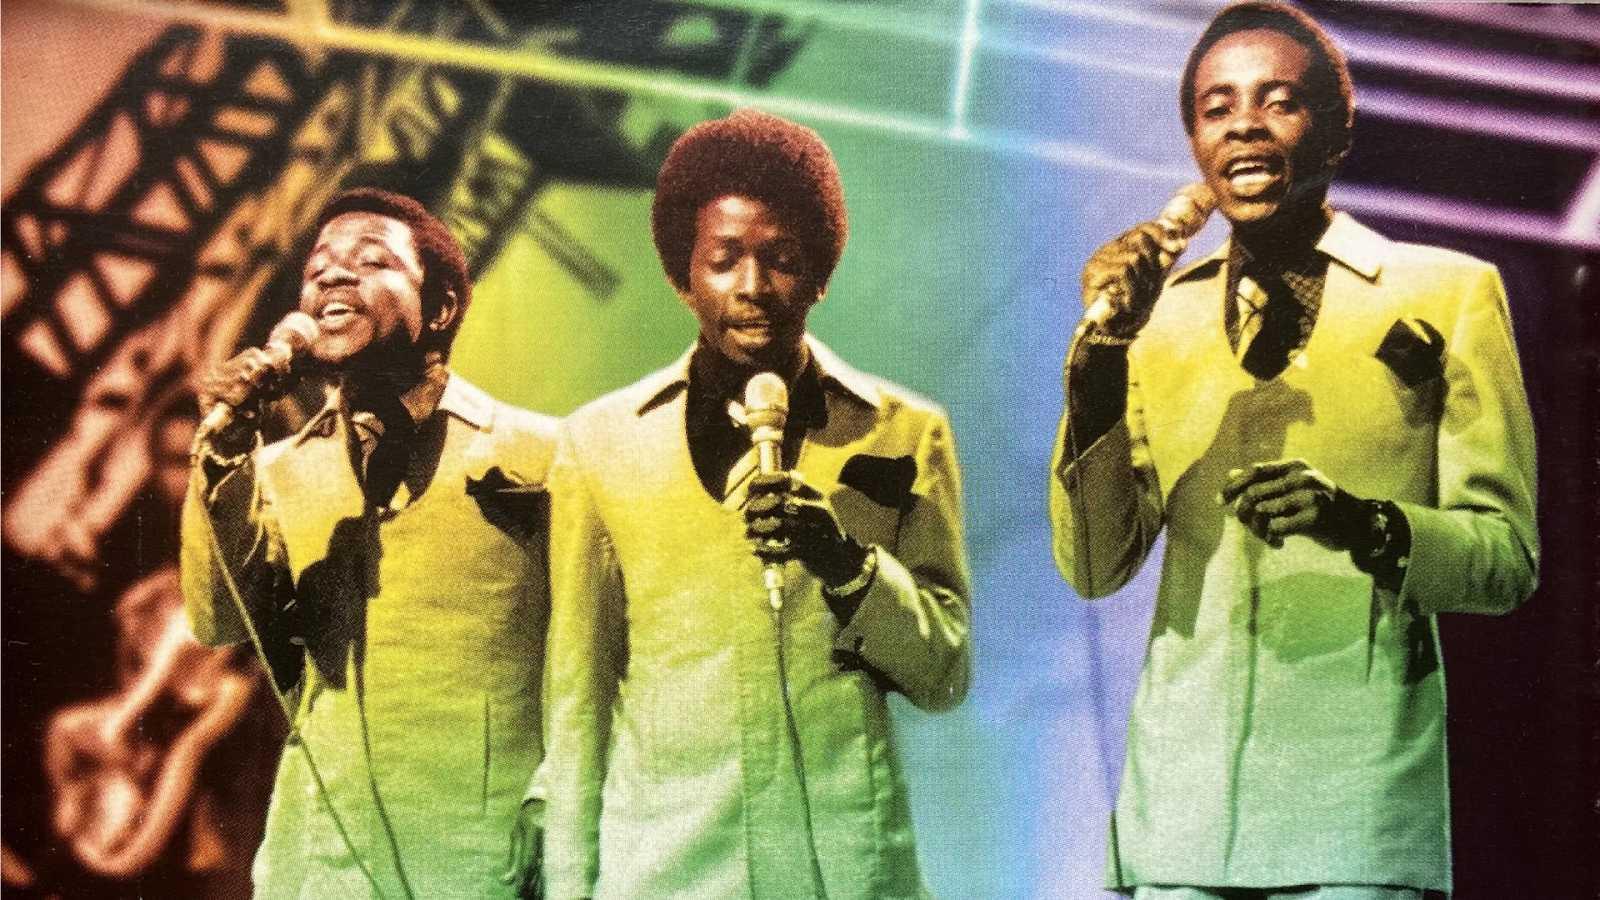 El sótano - DJ Toni Face; Jamaica tiene Soul - 26/02/21 - escuchar ahora